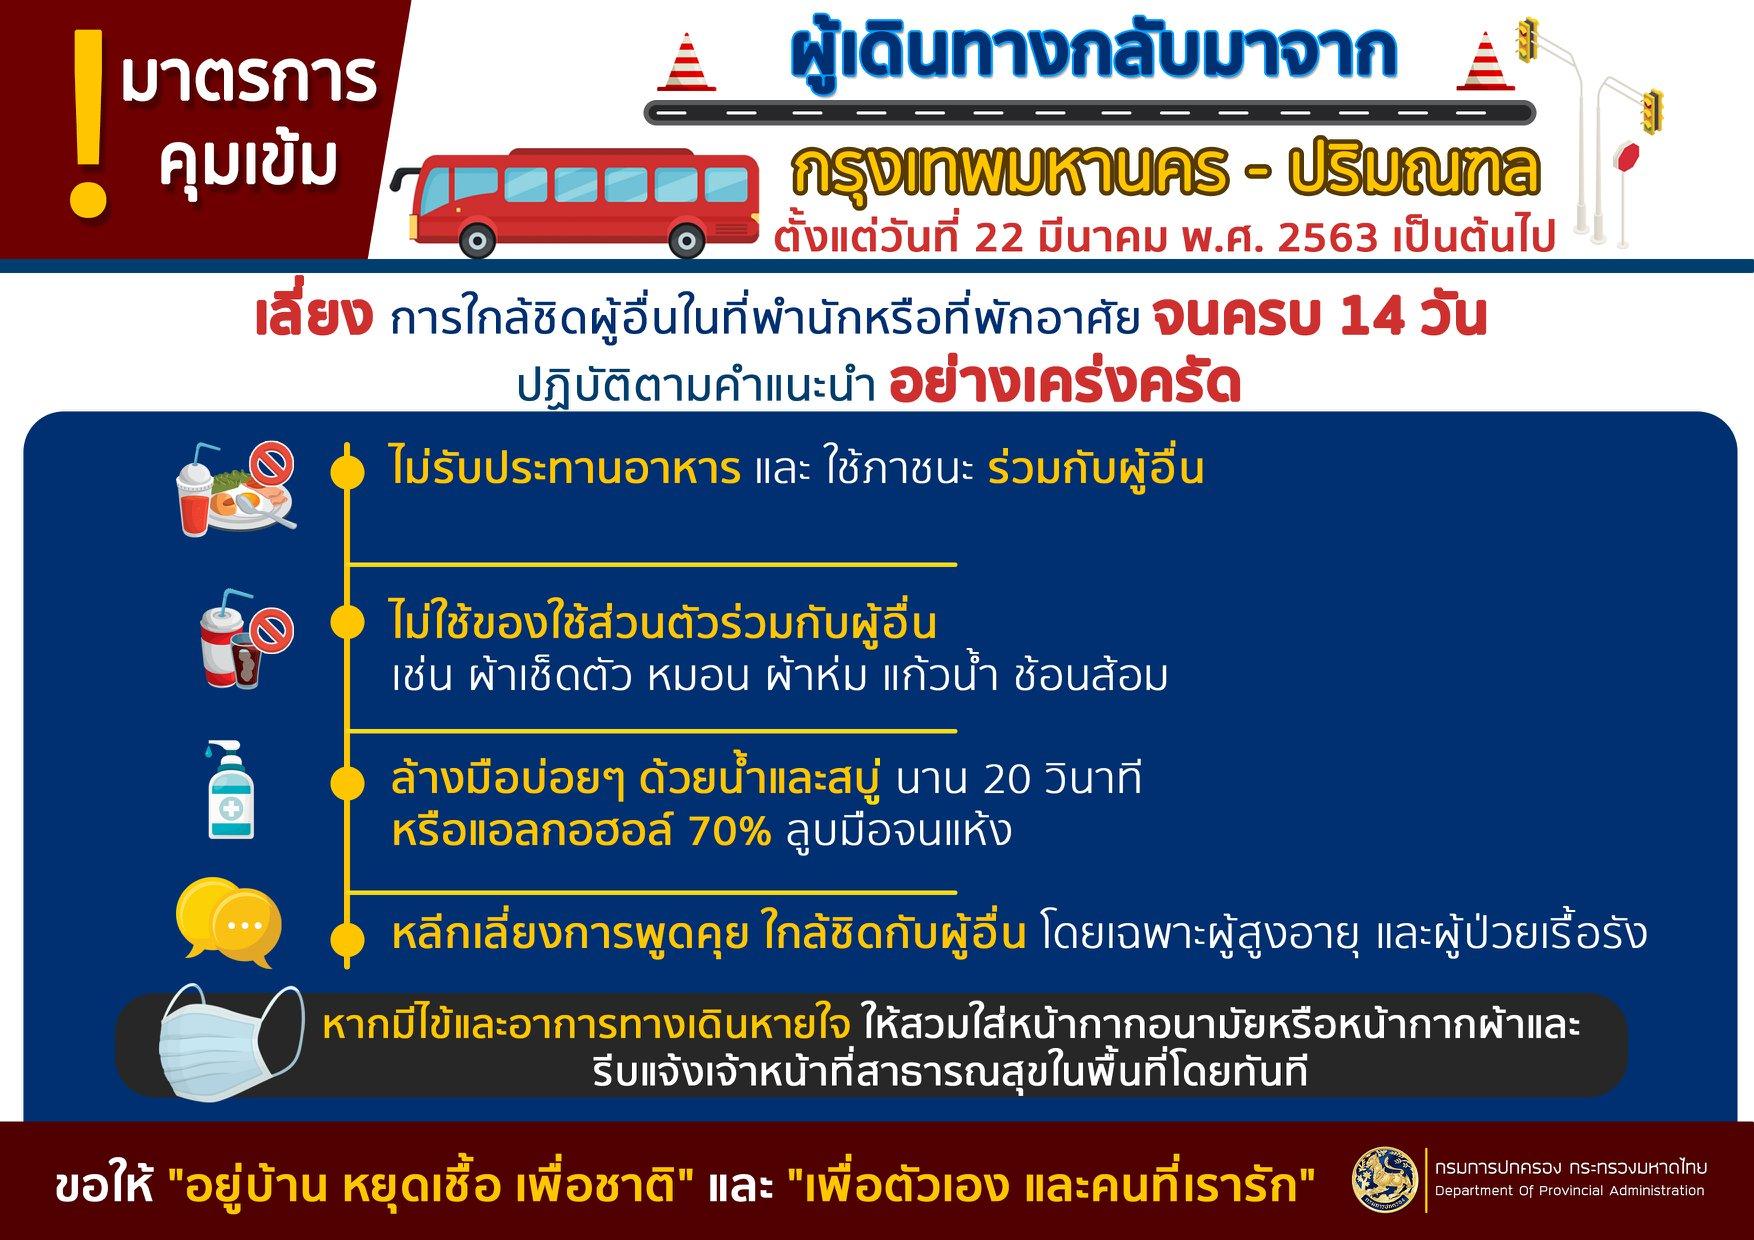 กระทรวงมหาดไทย ให้ฝ่ายปกครองในพื้นที่ ดำเนินการมาตราการคุมเข้ม ผู้เดินทางกลับมาจาก กรุงเทพมหานคร-ปริมณฑล